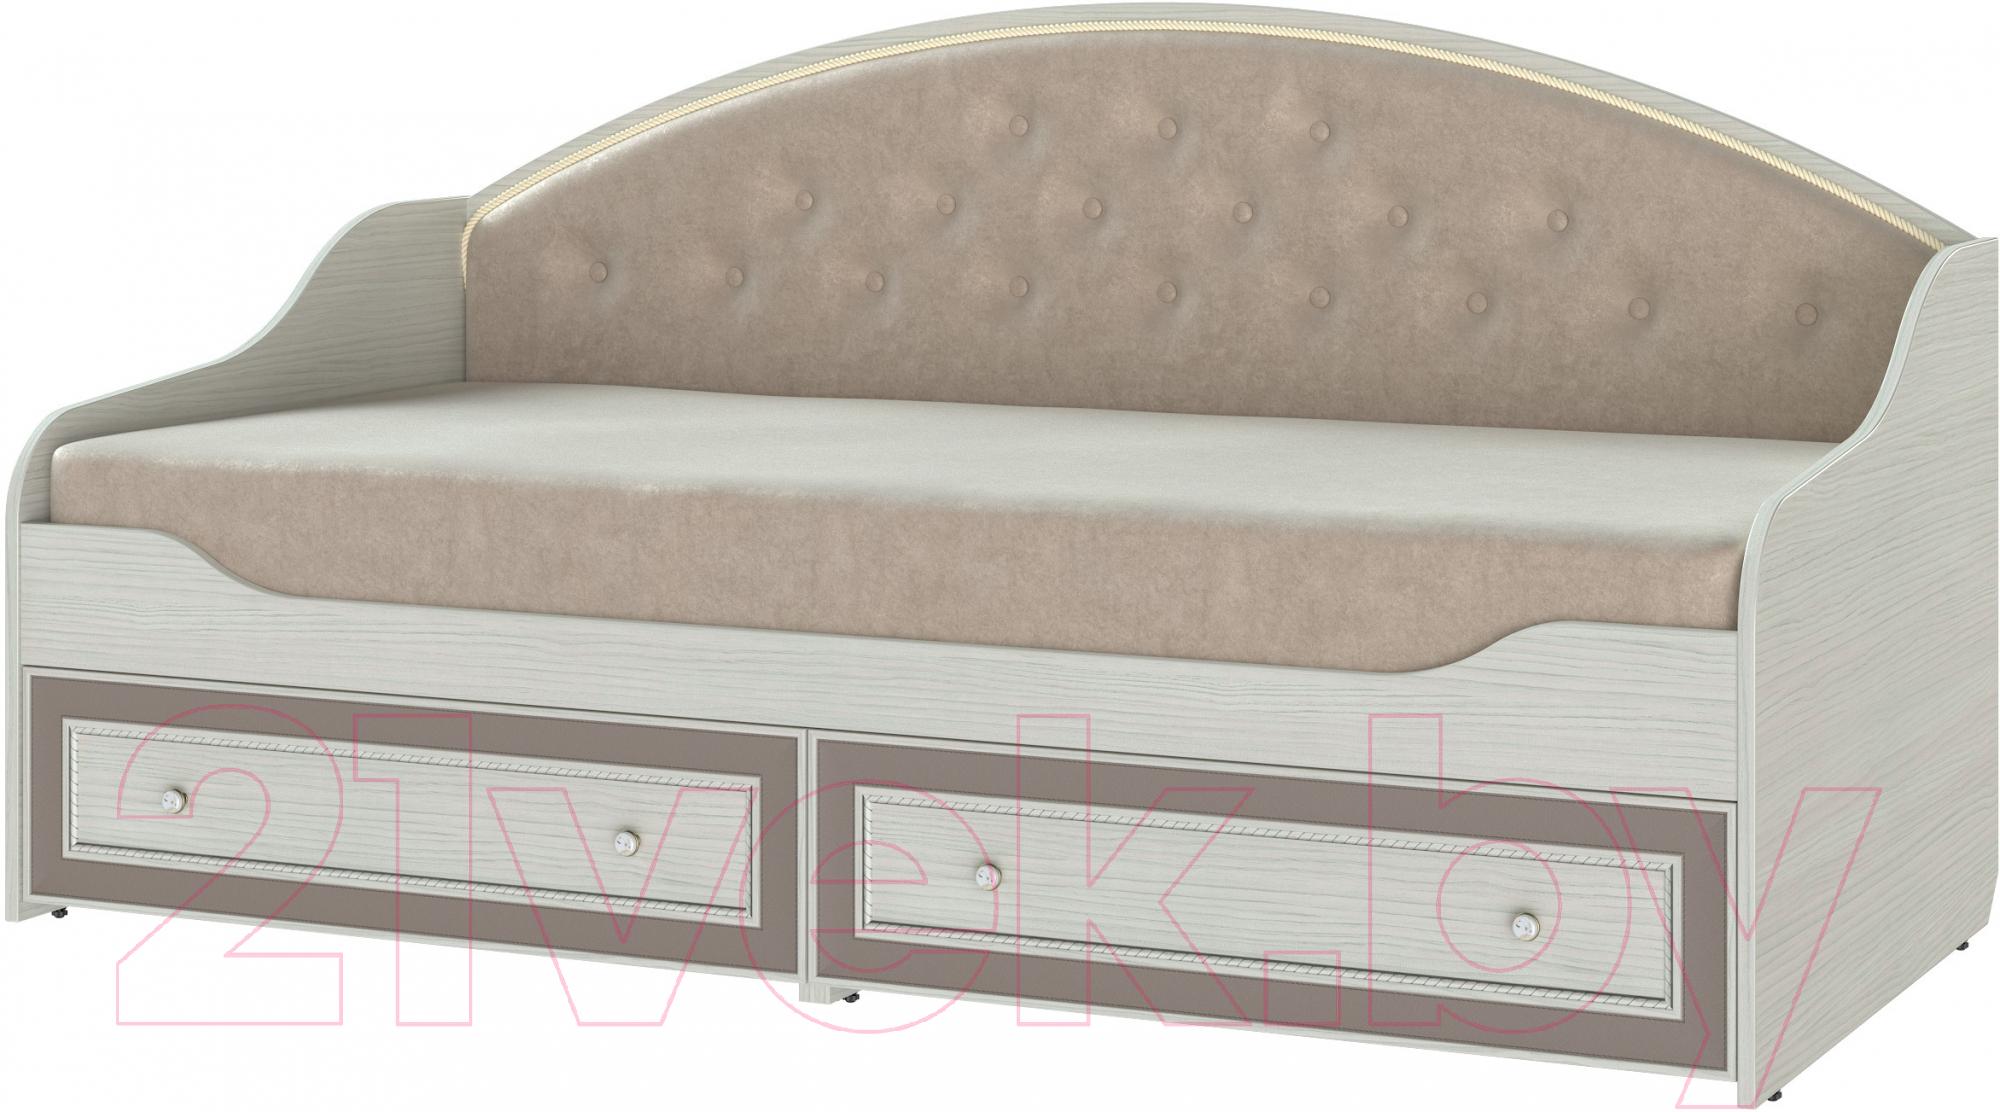 Купить Односпальная кровать Softform, Стрекоза (капучино/вельвет лайт 2), Беларусь